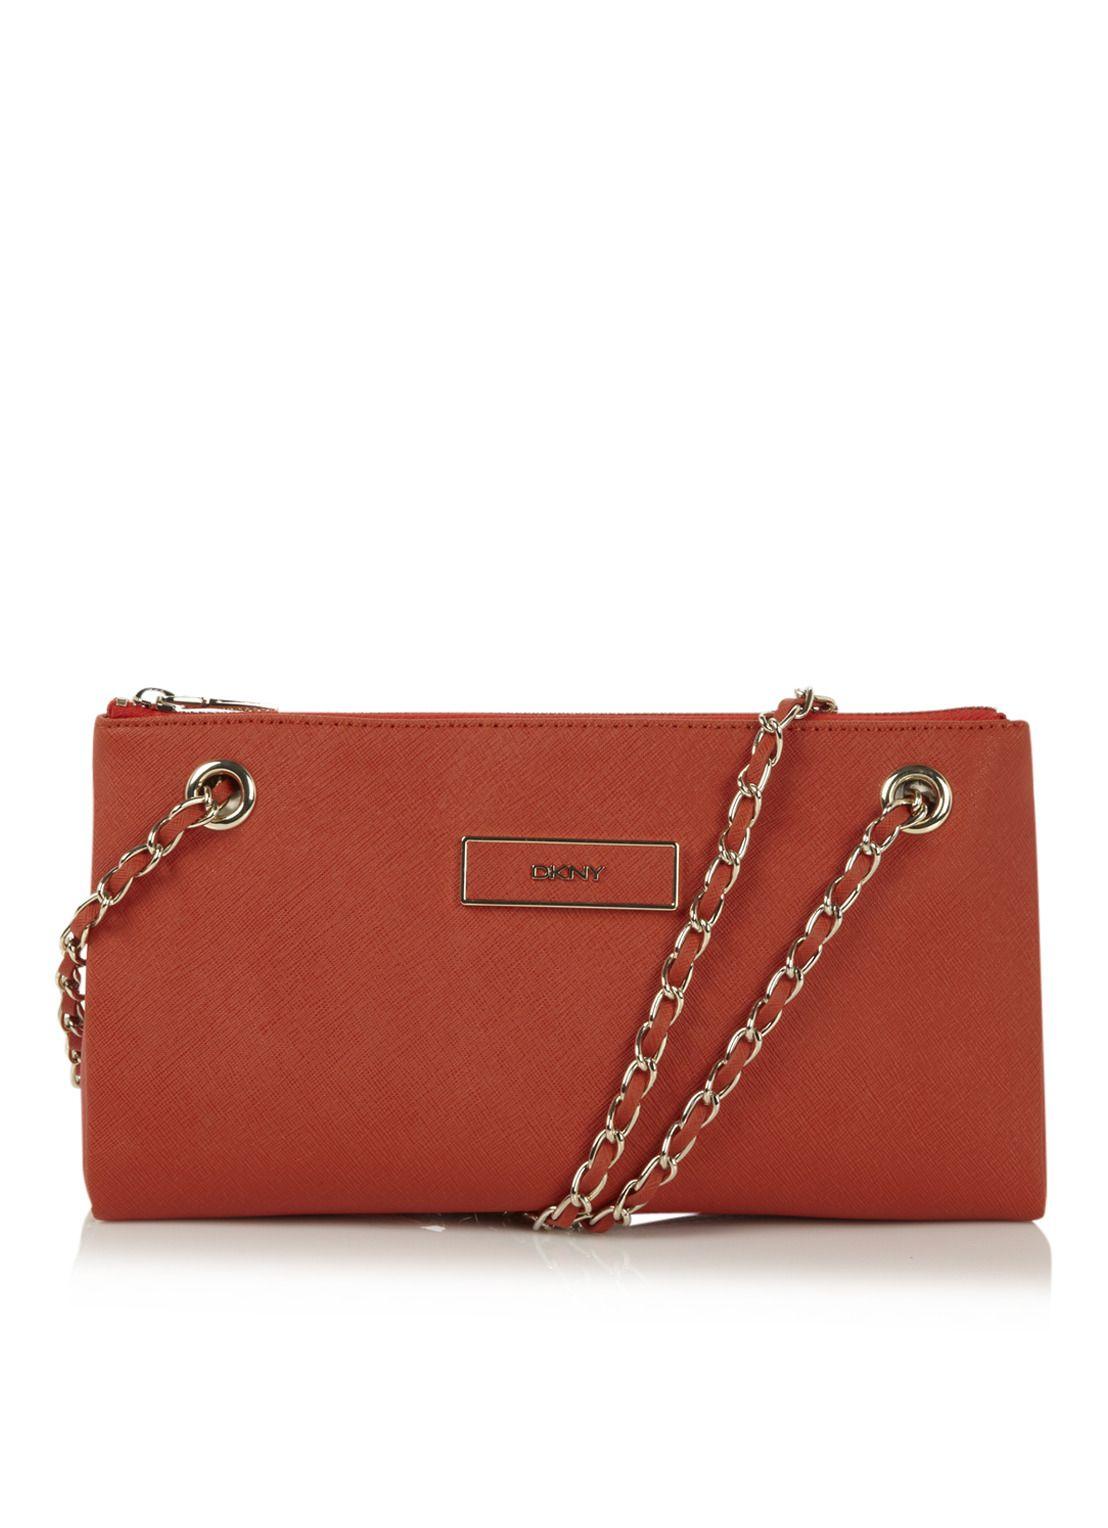 0a5608a7d44 DKNY Crossbody tas Saffiano | Bags/clutches - Bags